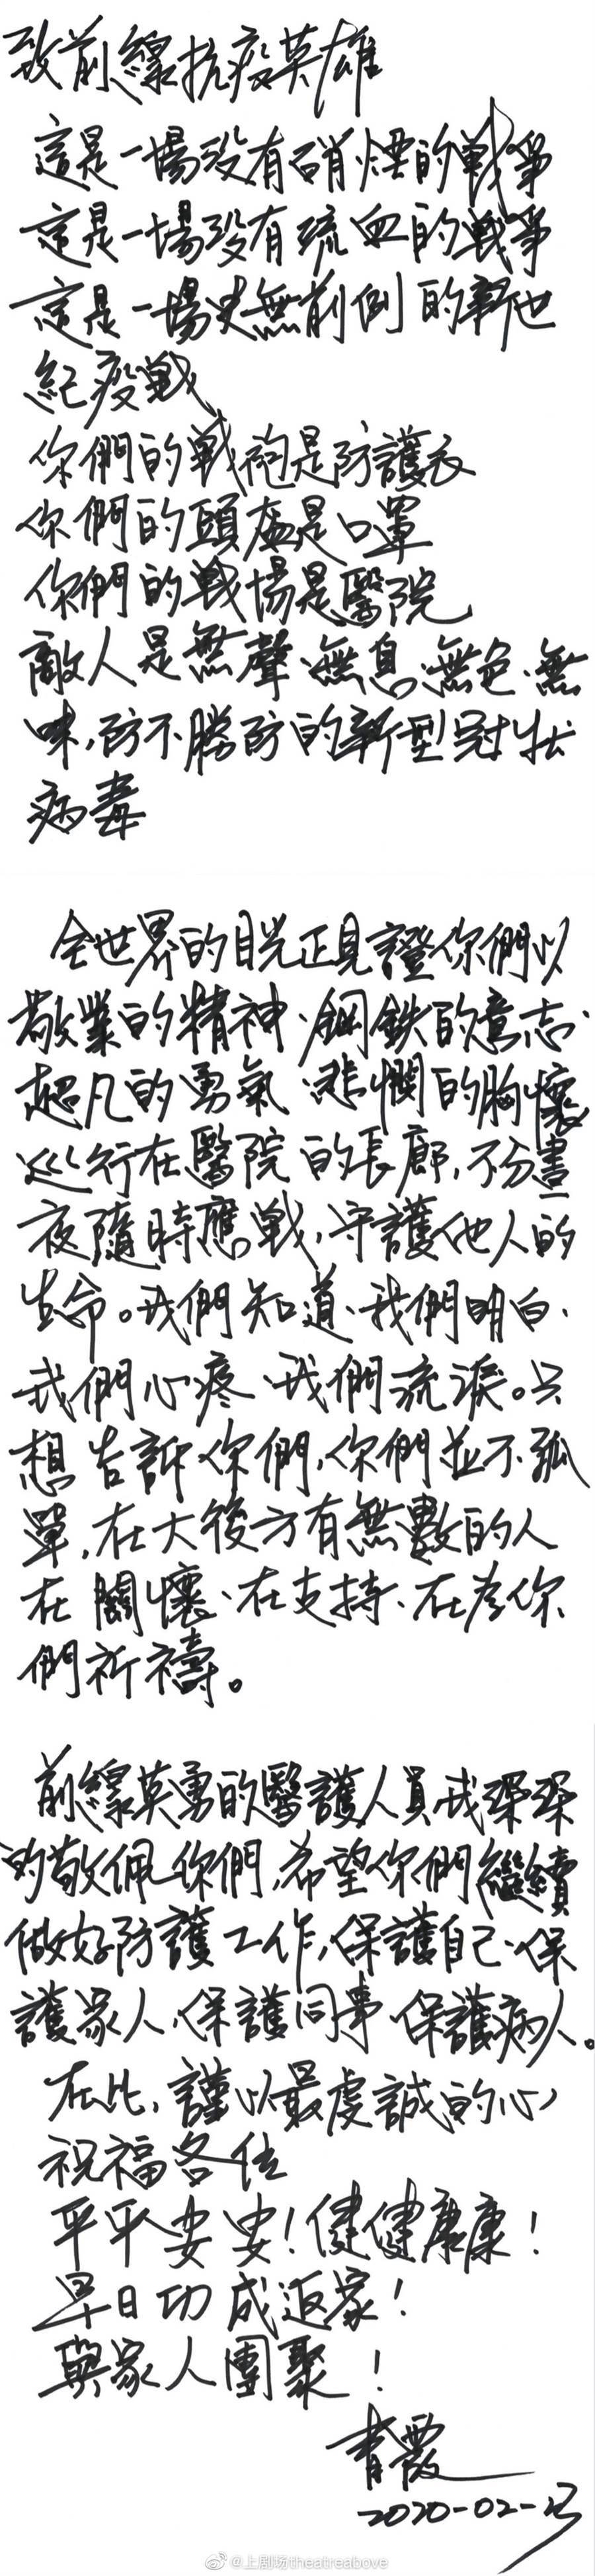 林青霞親筆信曝光。(圖/翻攝自上劇場theatreabove微博)